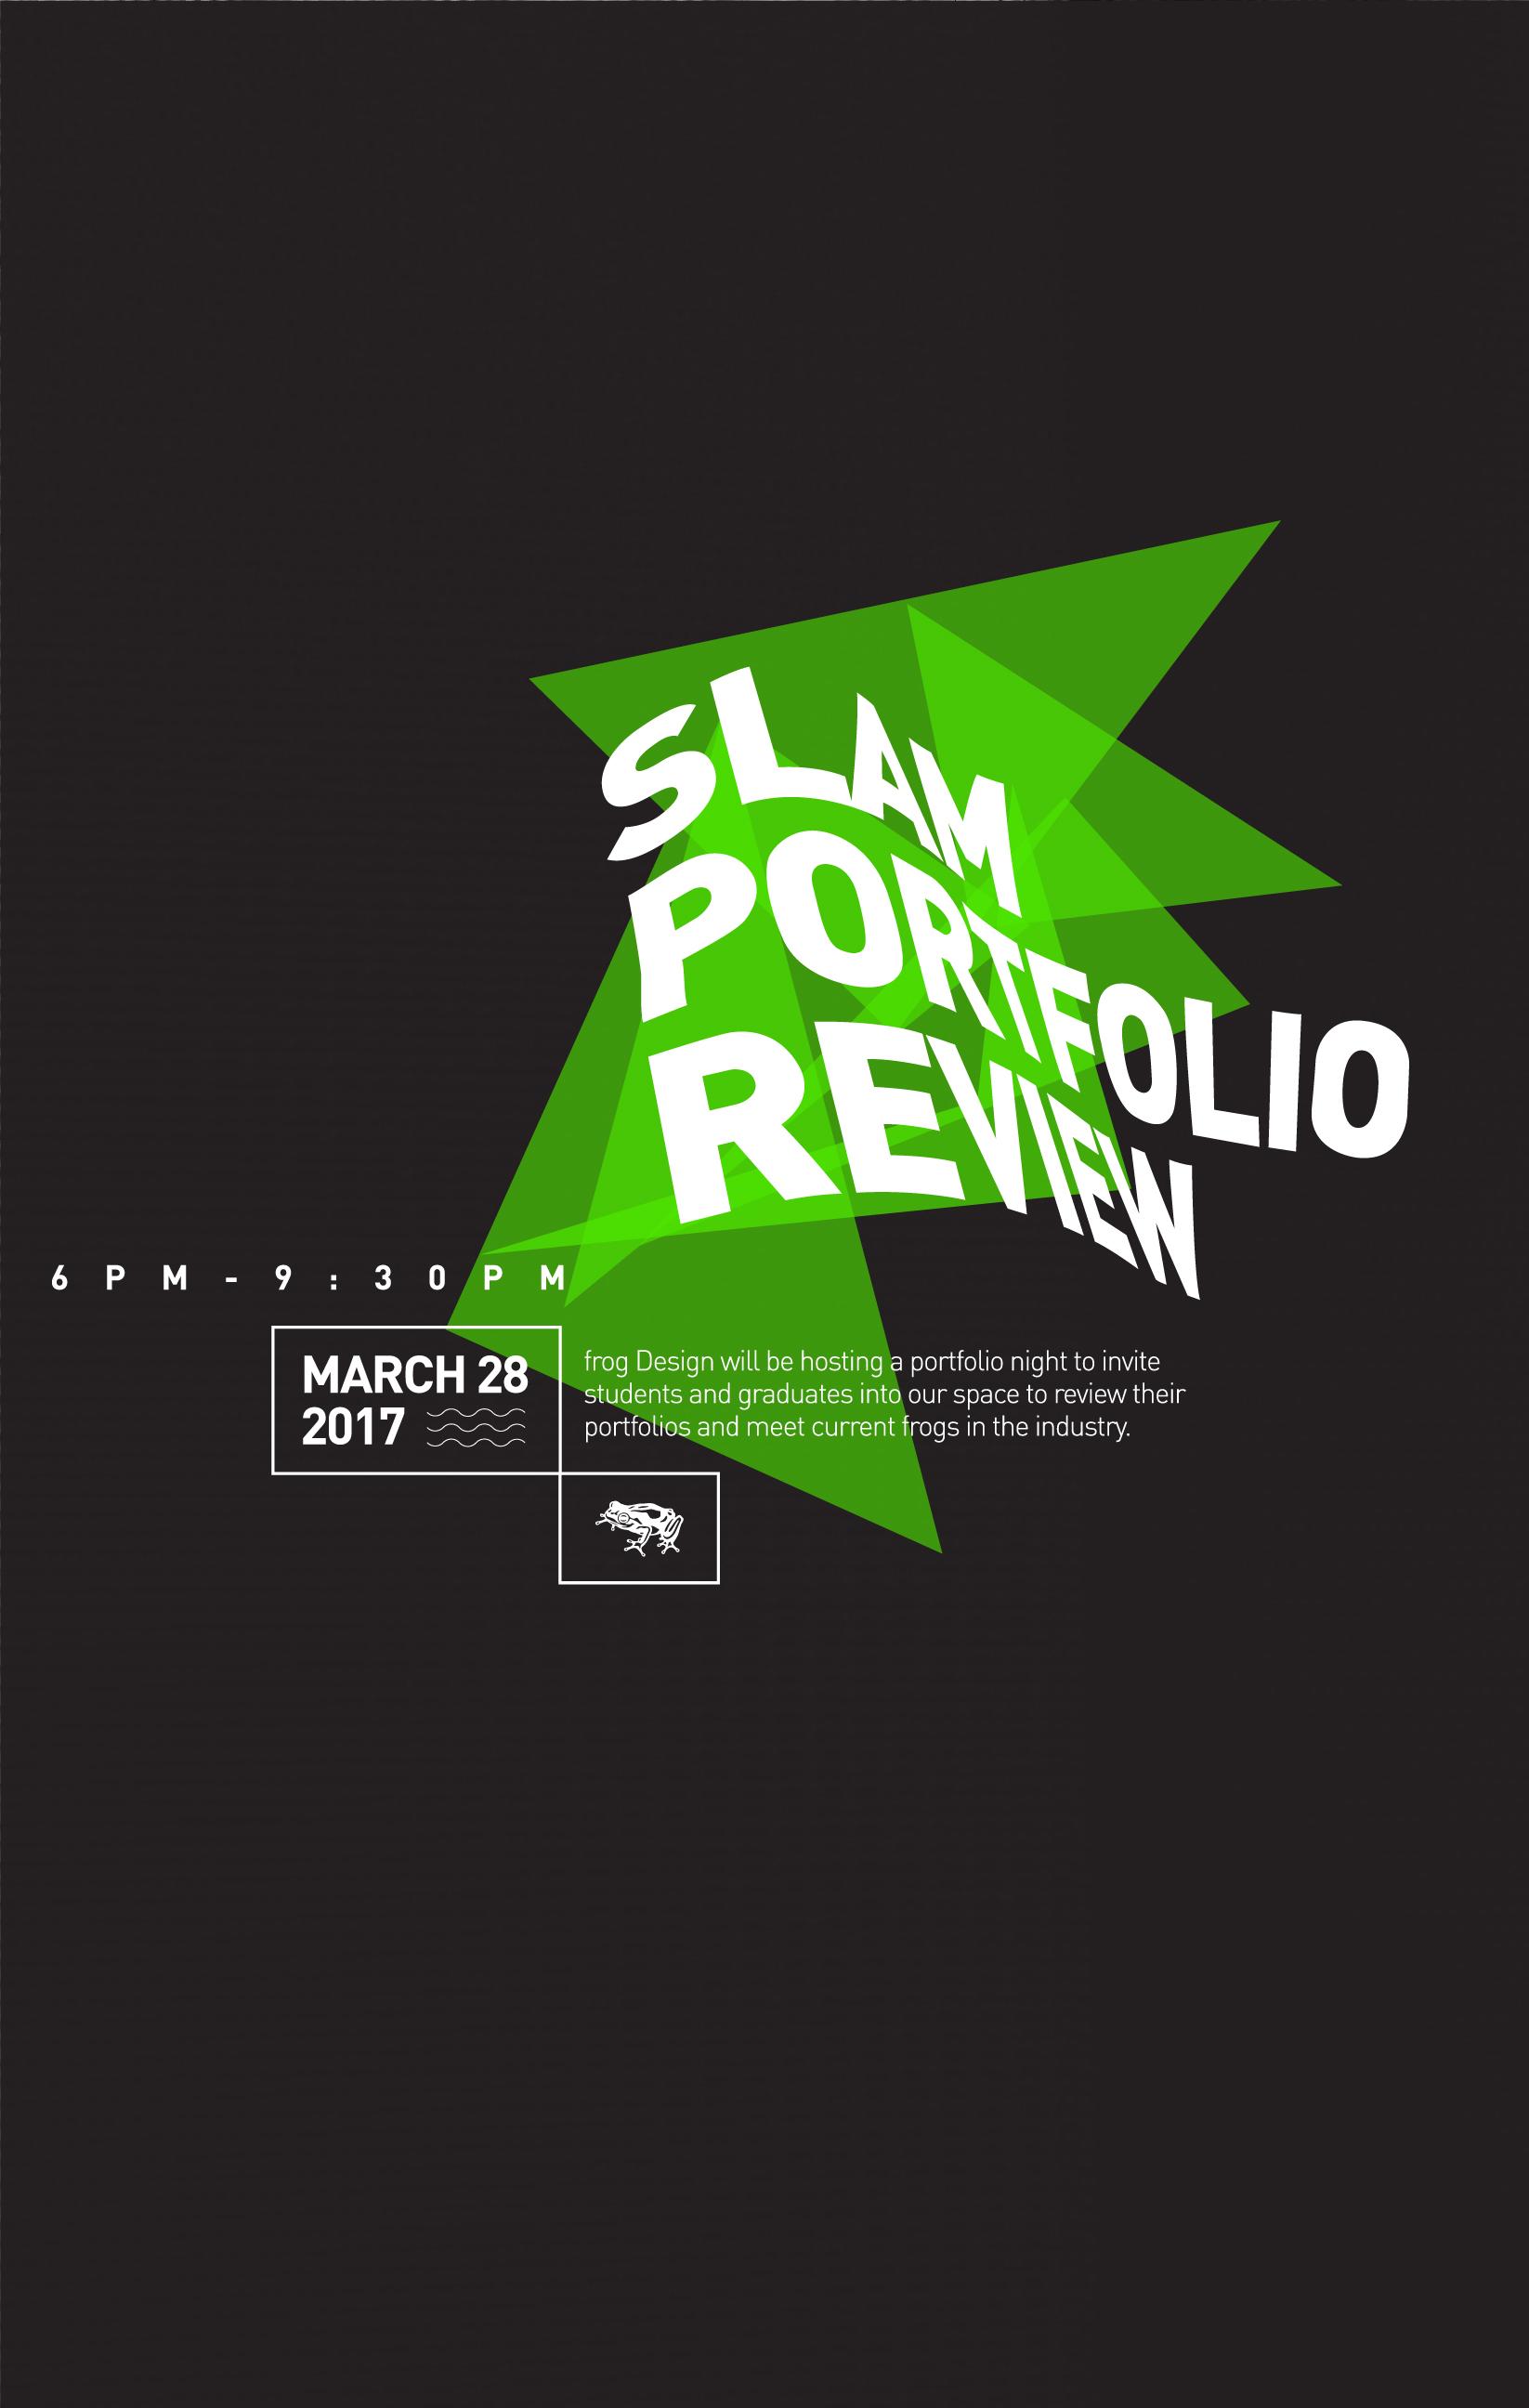 slam_event_v2.jpg